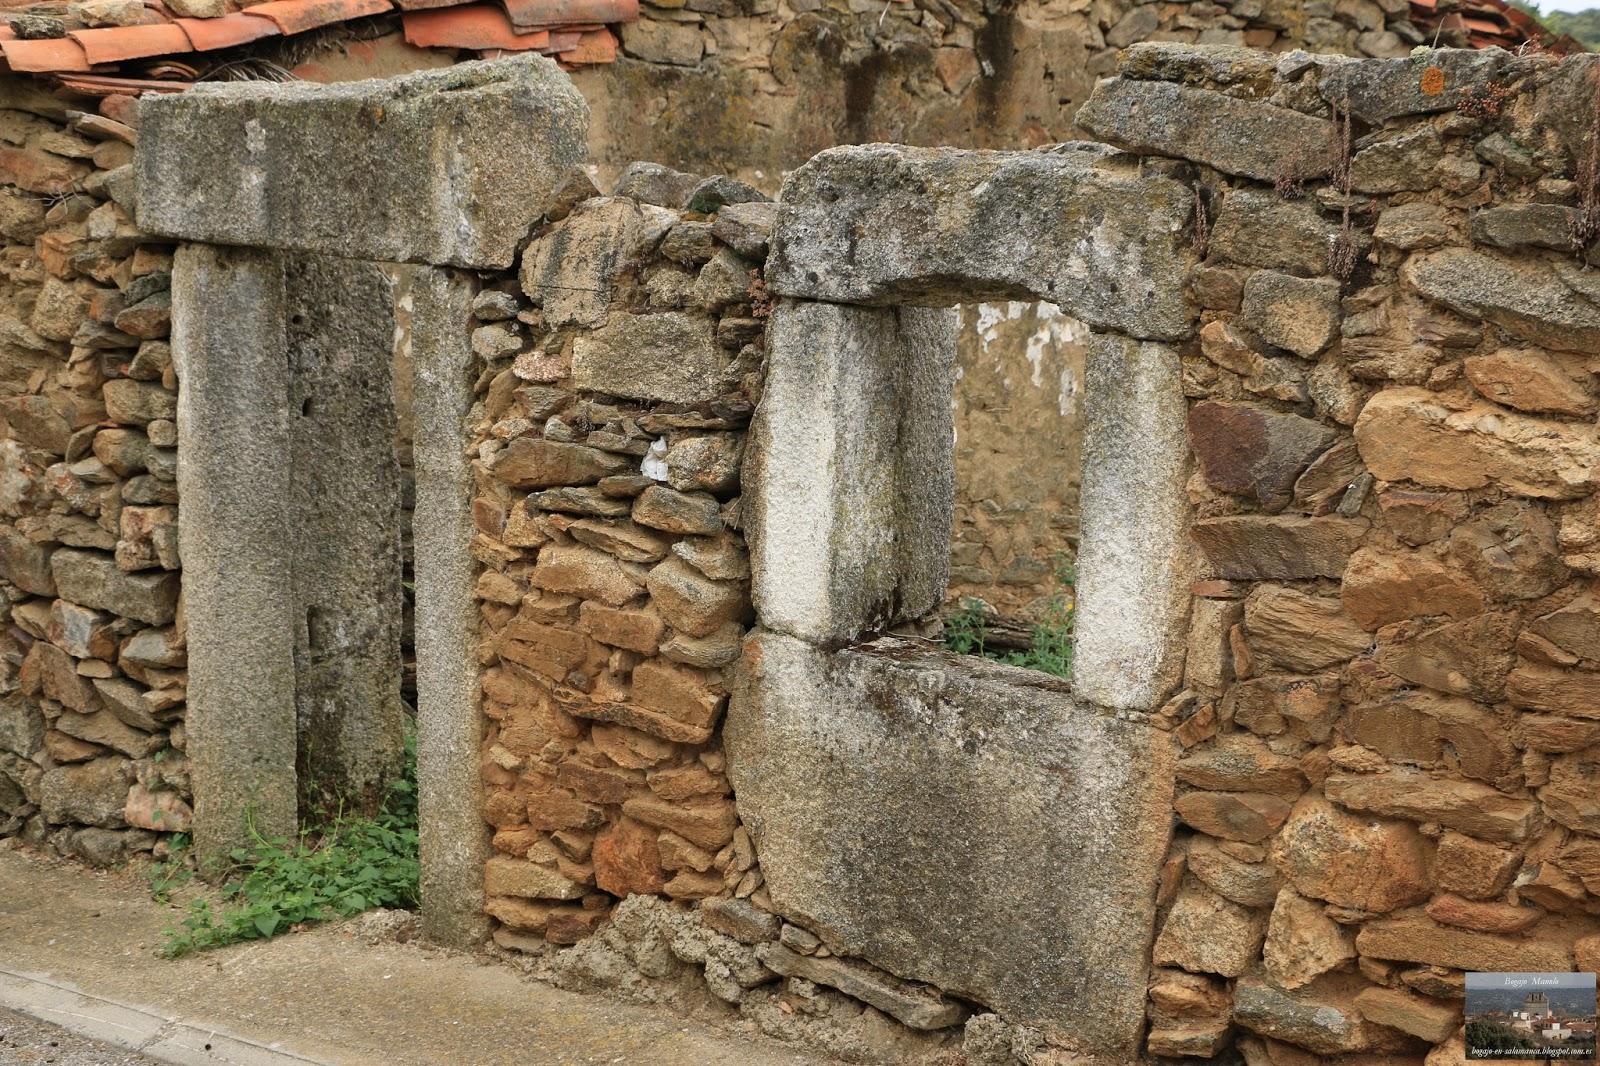 Bogajo salamanca puertas y ventanas antiguas en bogajo for Puertas y ventanas de hierro antiguas